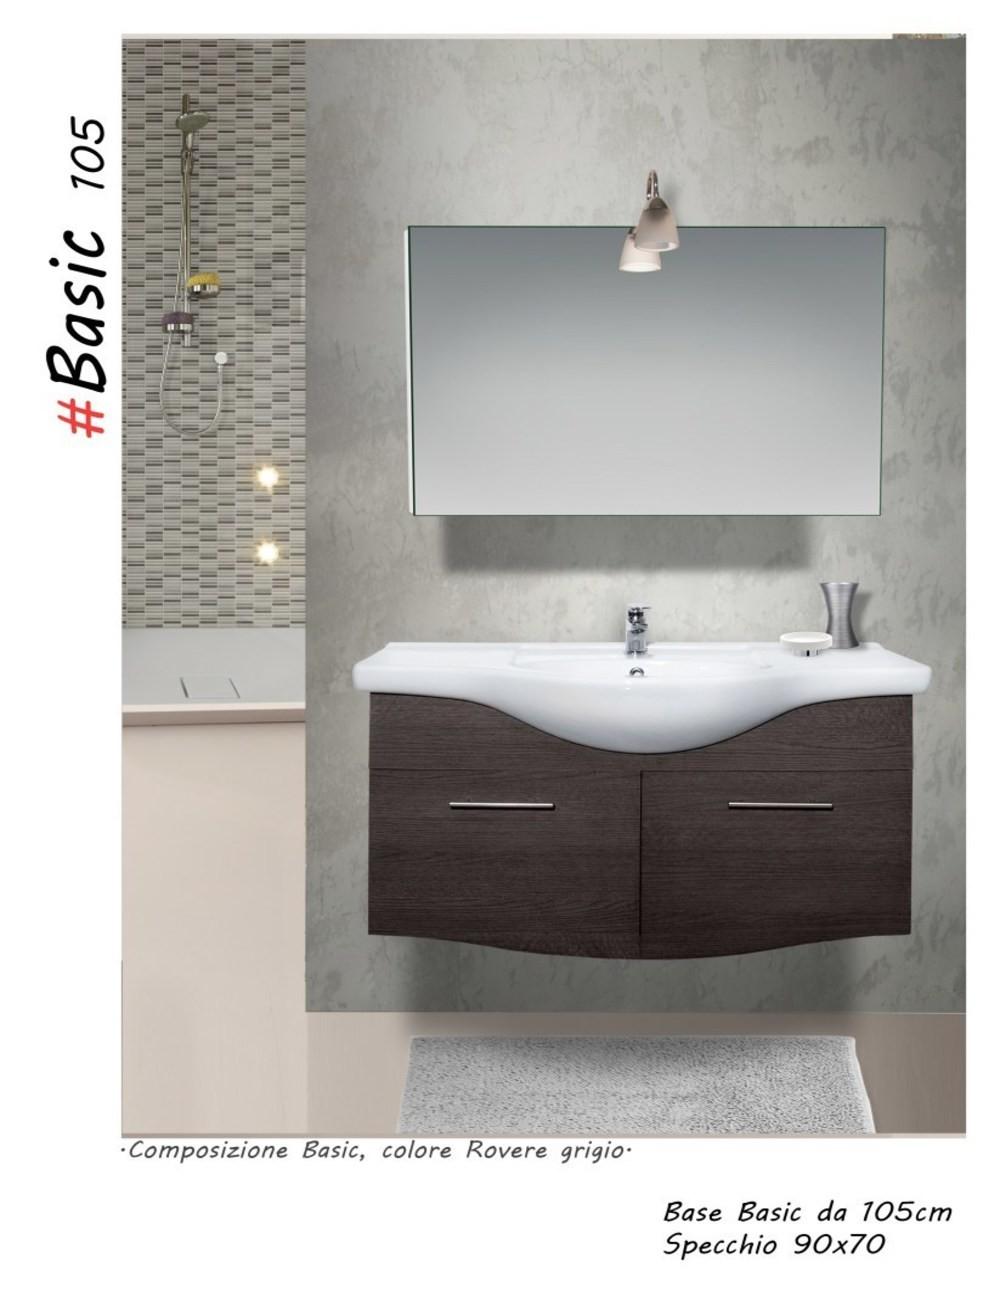 Mobile bagno basic 105 centimetri nobilitato laminato - Mobile bagno laminato ...